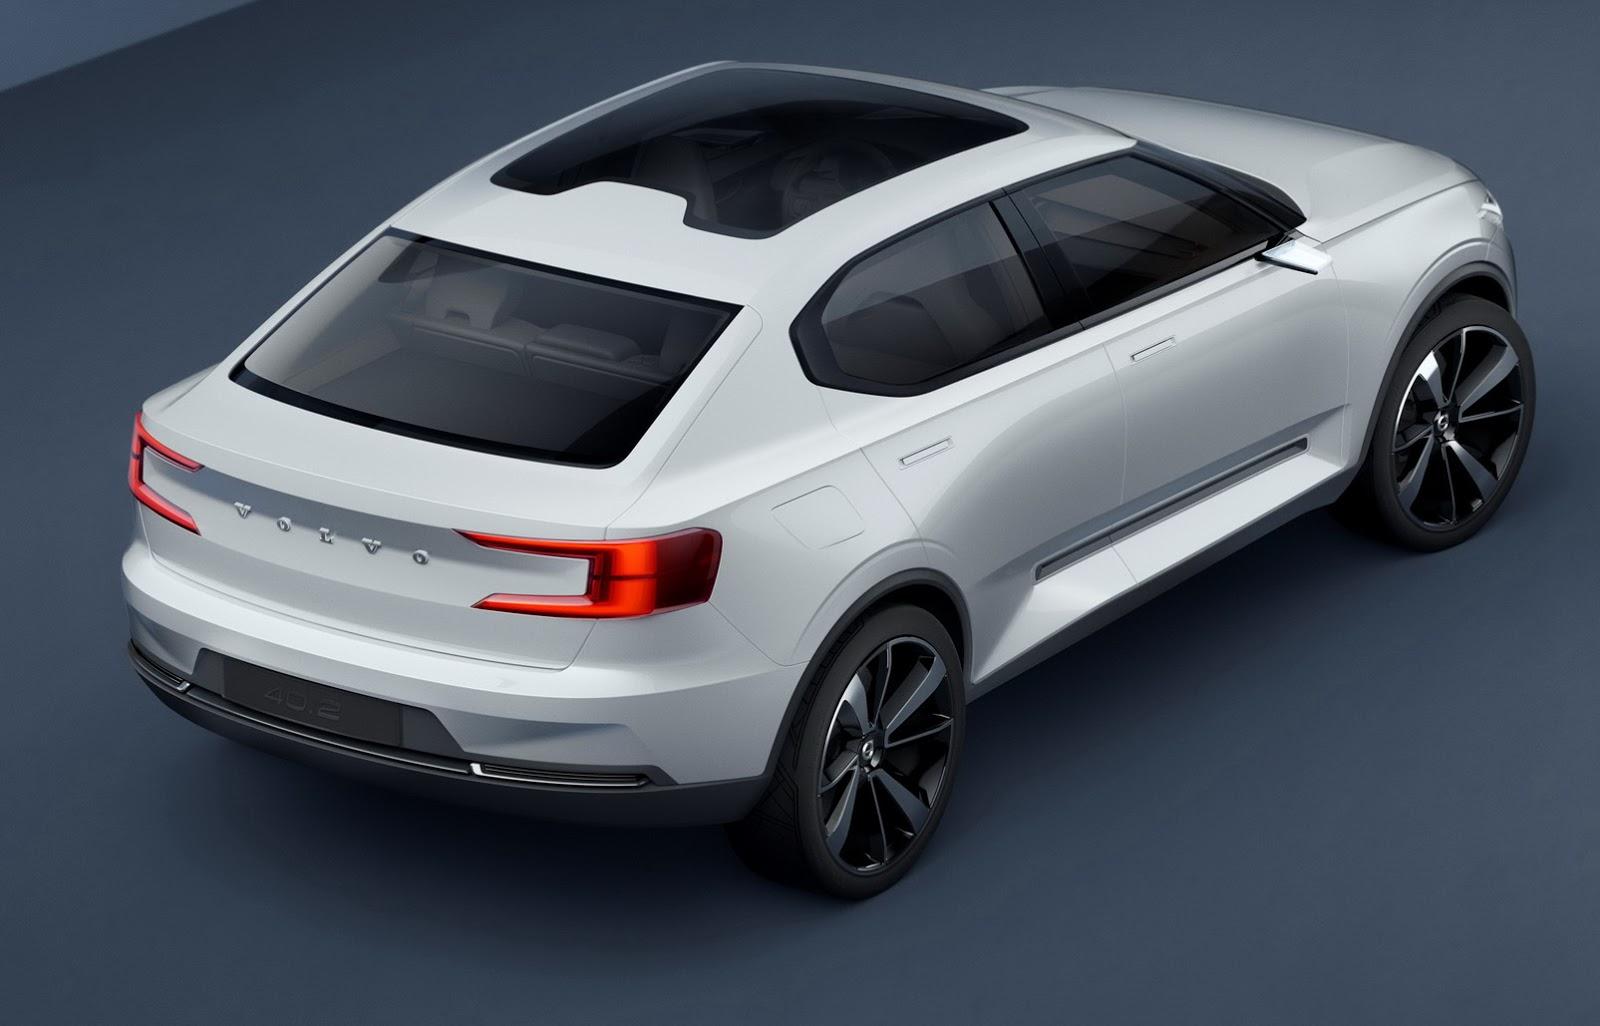 yeni volvo s40 ve xc40 konseptleri tanıtıldı - sekiz silindir